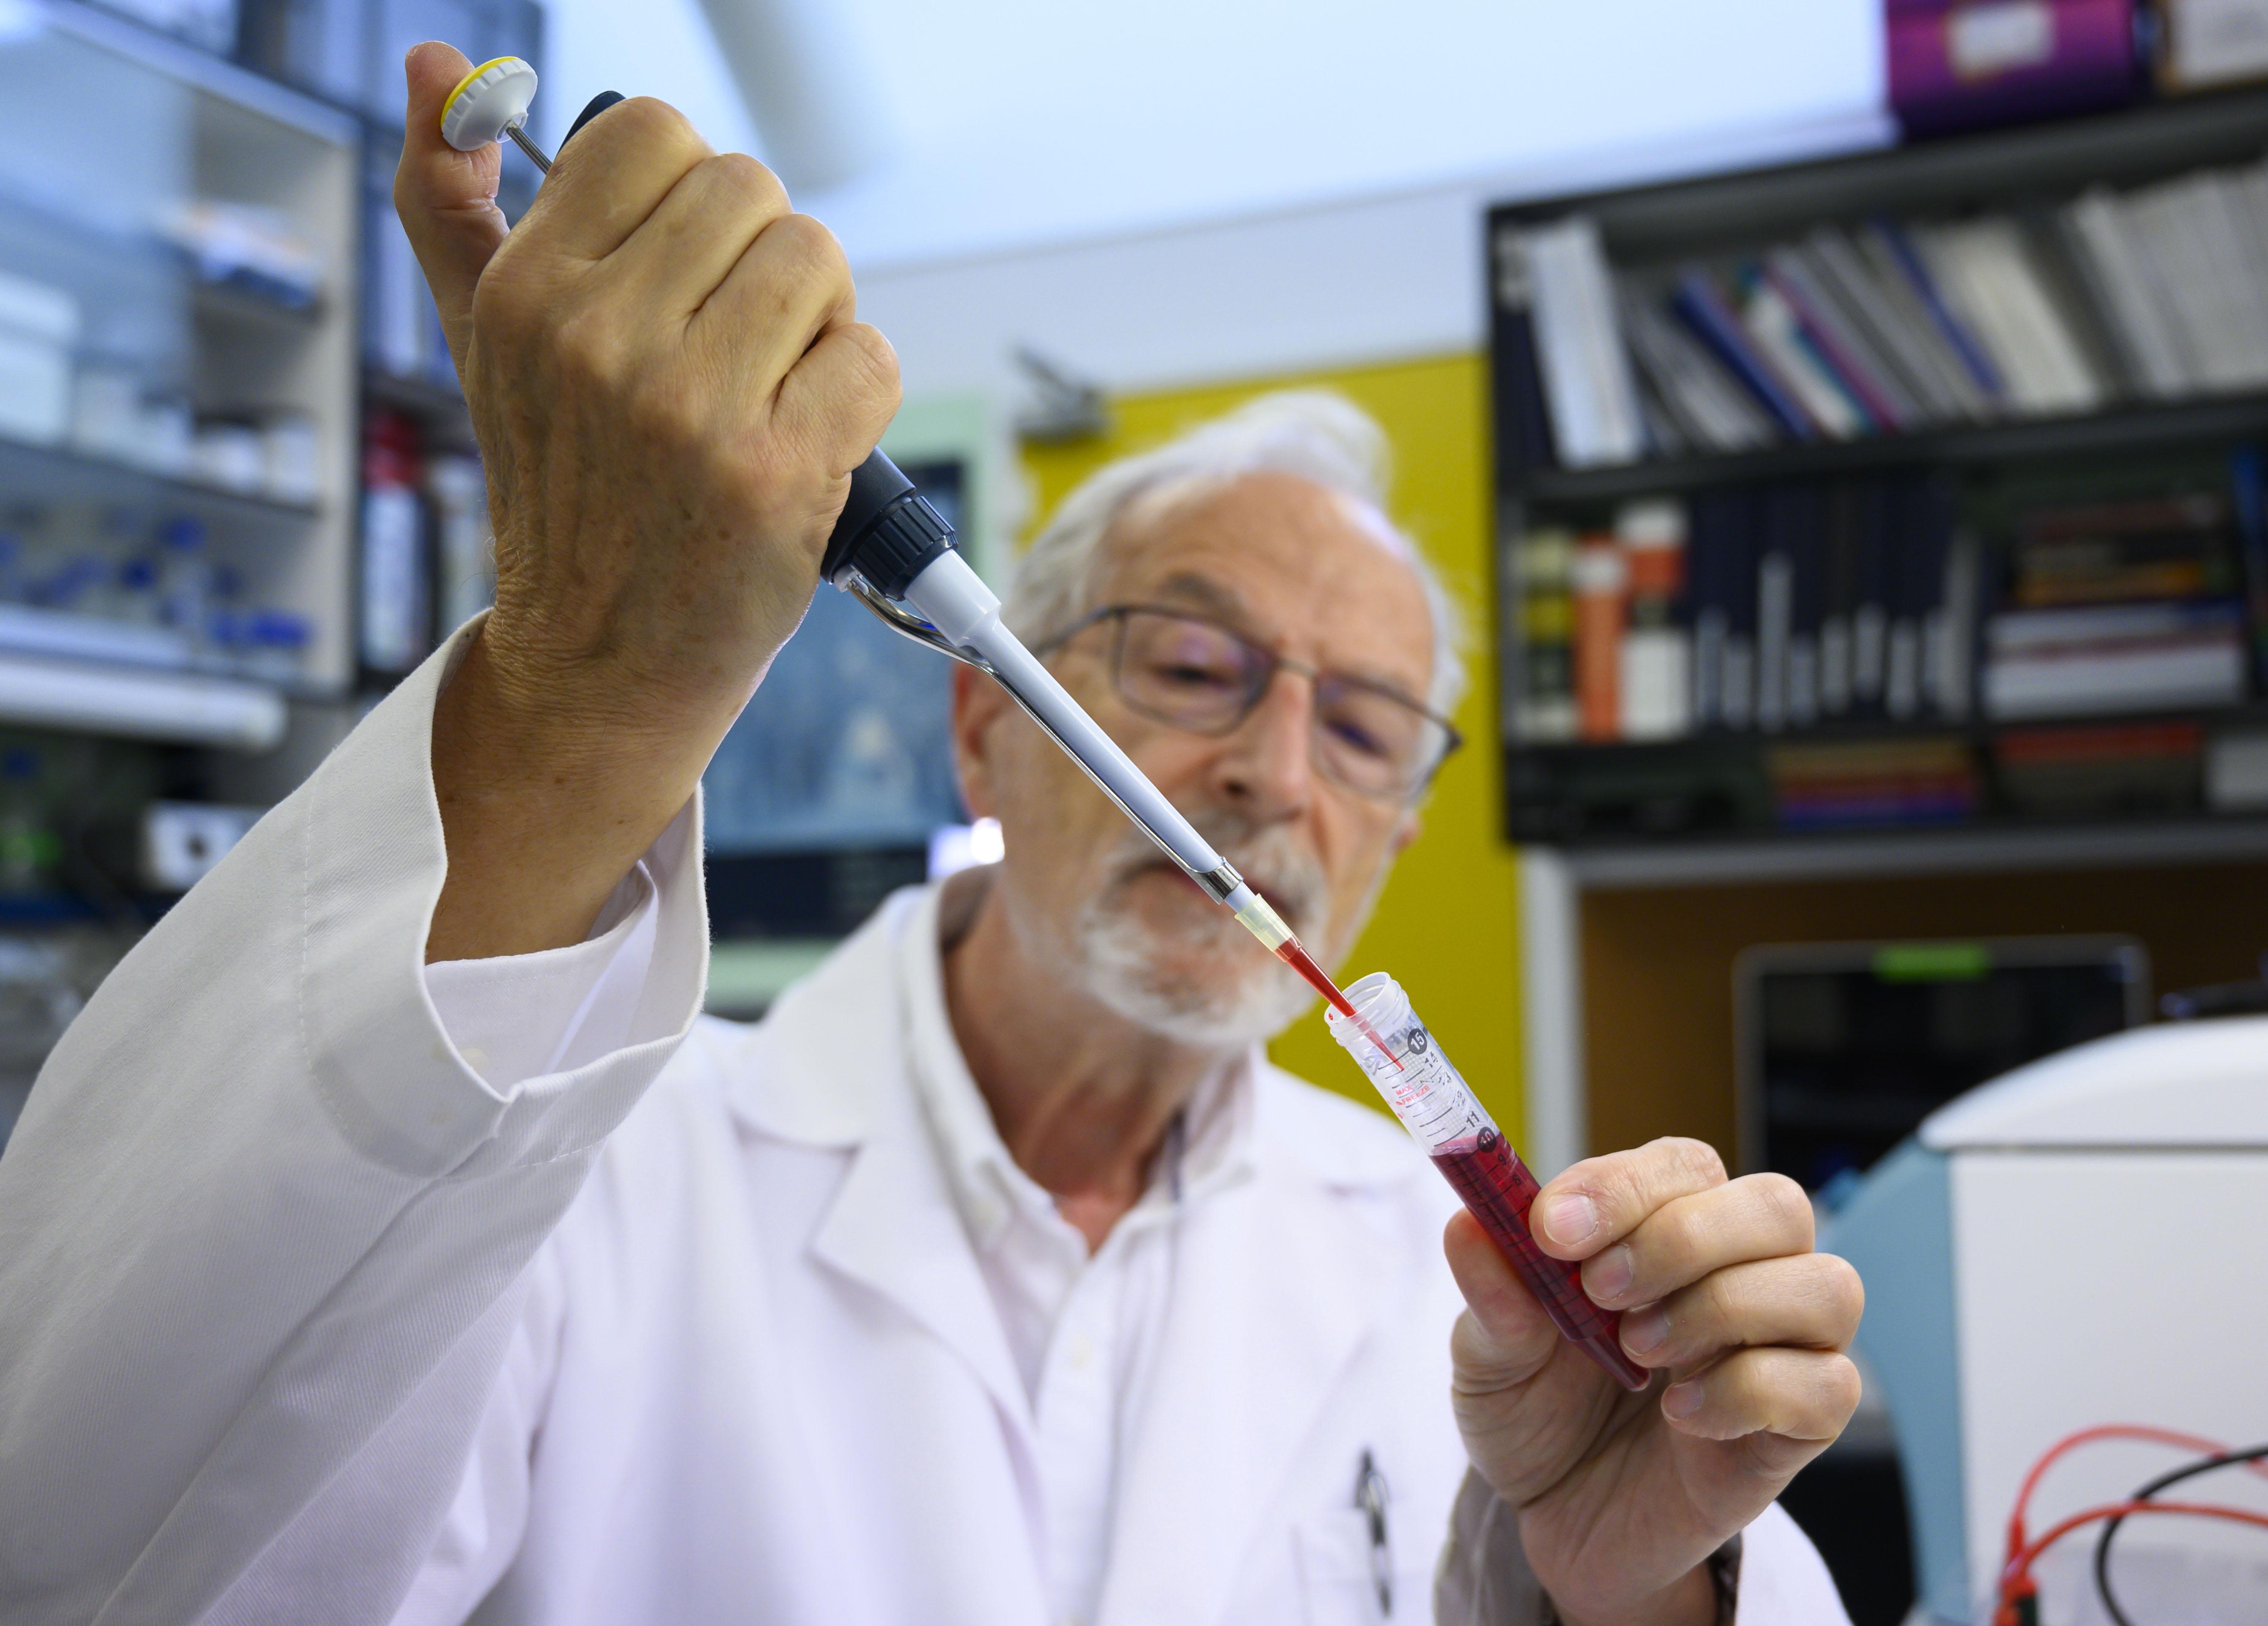 imagen de El virólogo del CSIC Luis Enjuanes desarrolla una vacuna contra la covid-19. / César Hernández CSIC